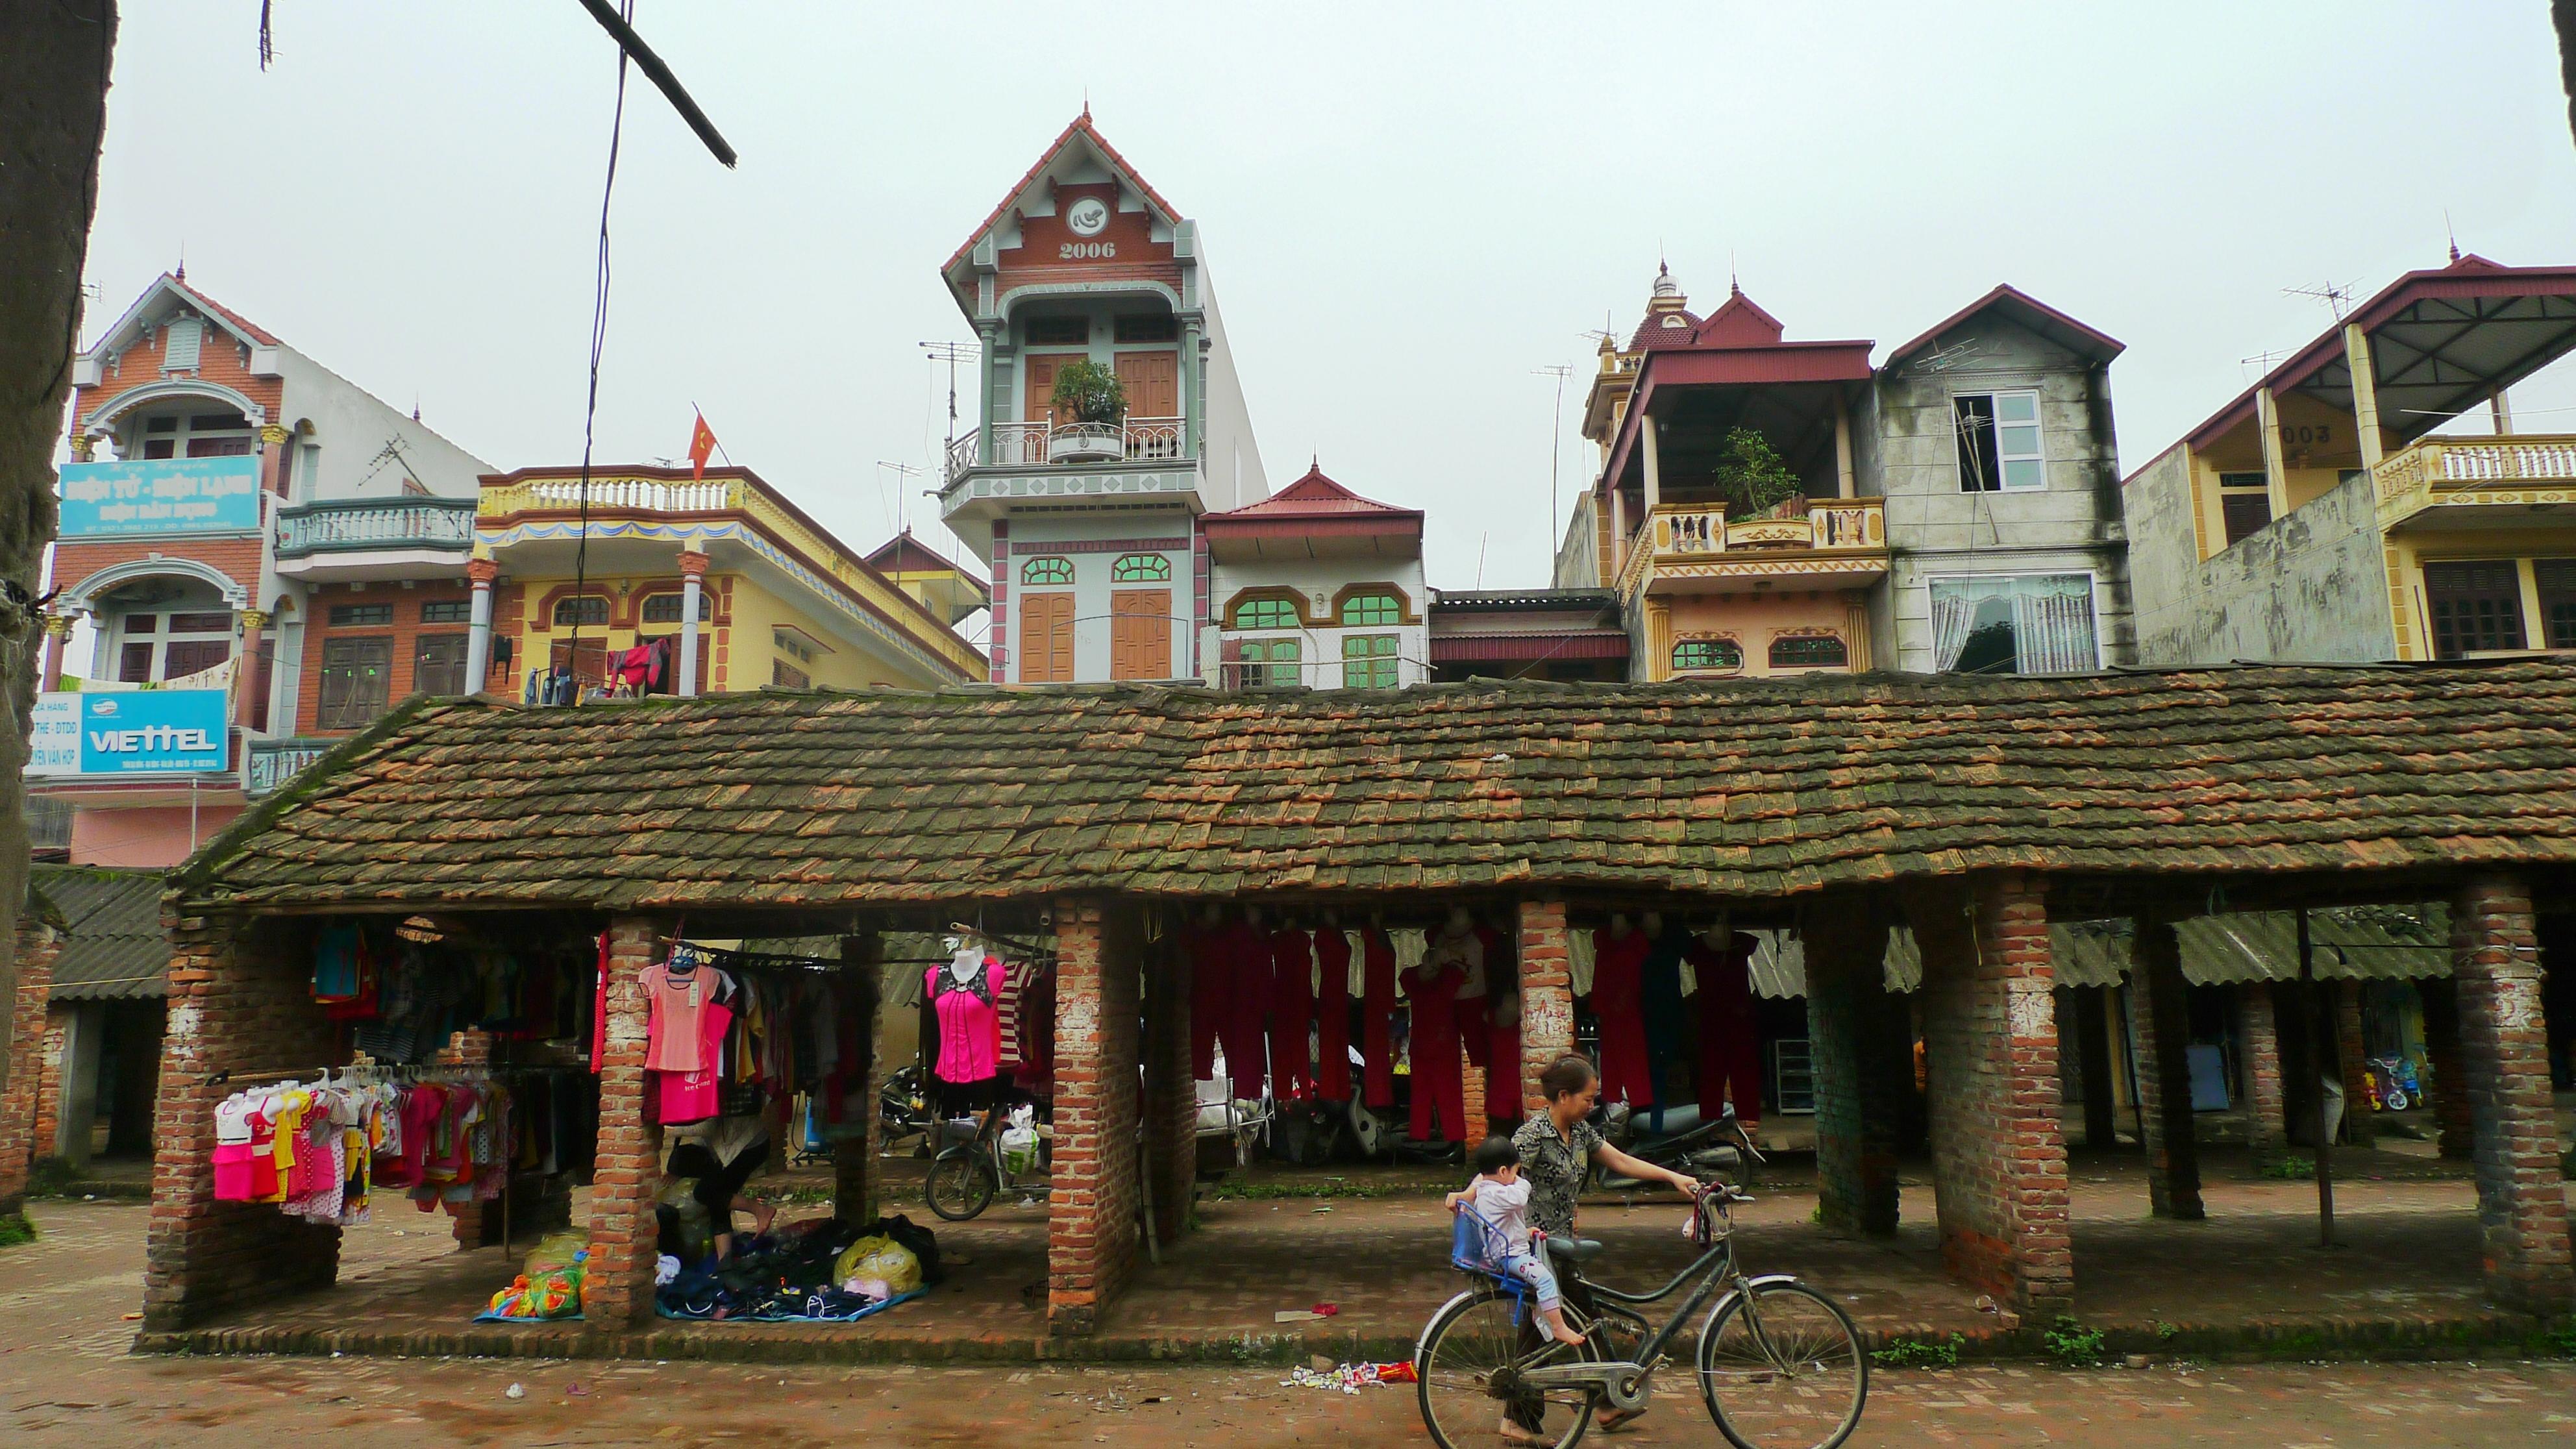 Hiện trạng nhà ở hiện đại giáp khu vực chợ cổ tại làng Nôm - Doãn Đức